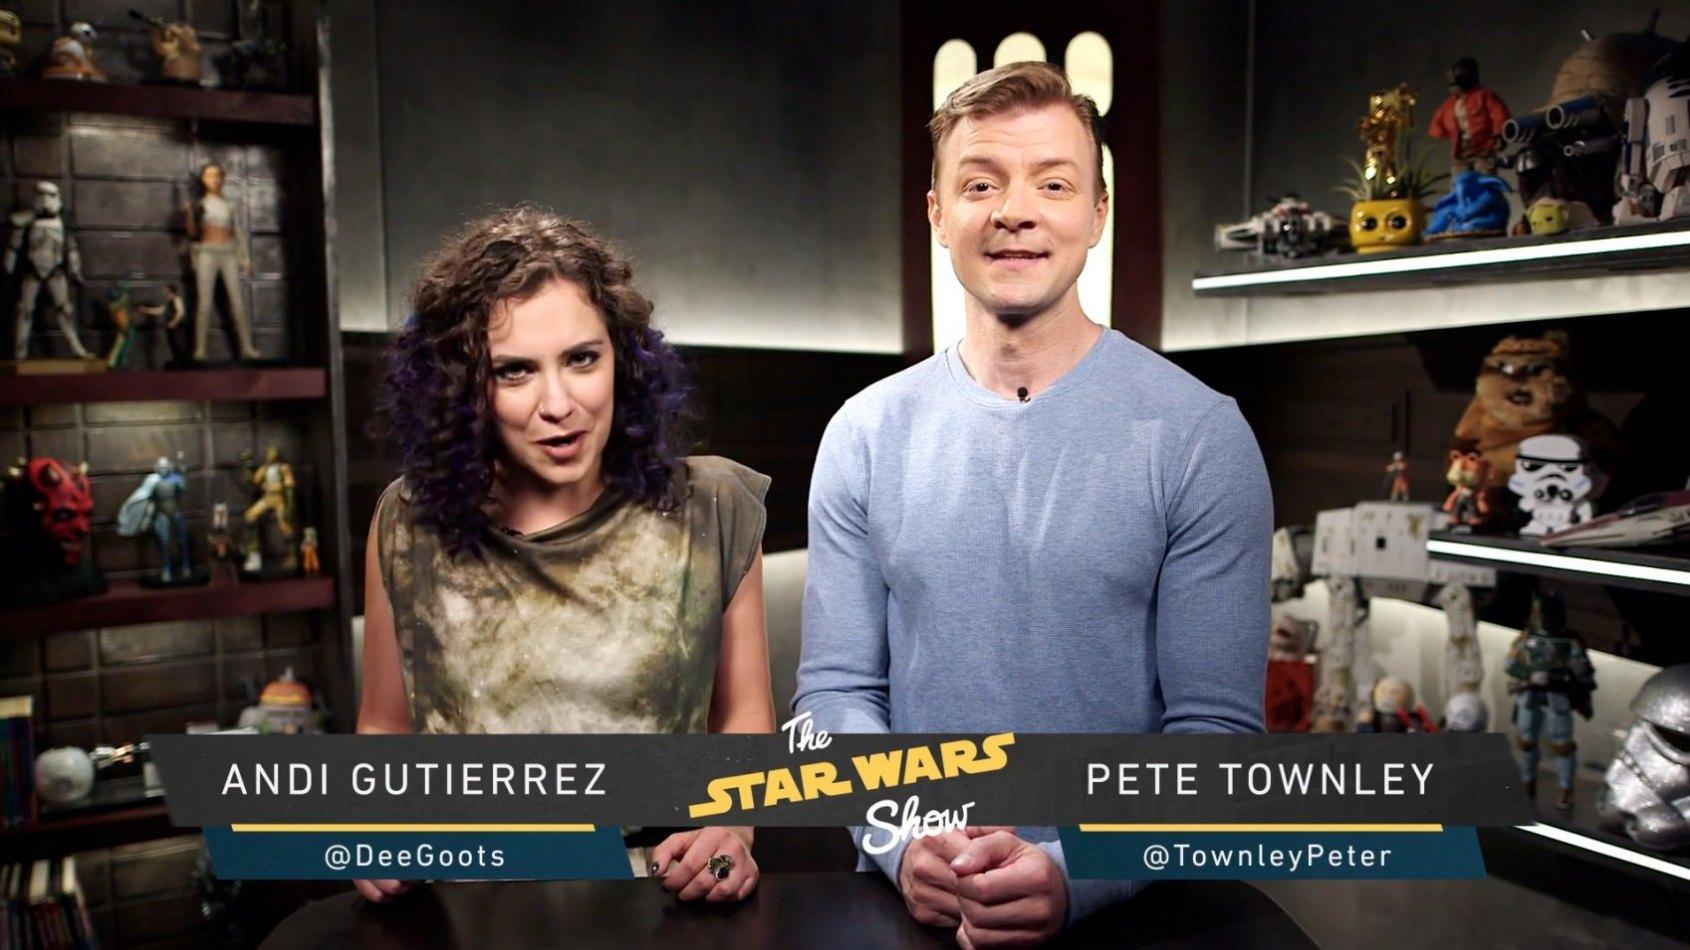 Le Star Wars Show - Episode I